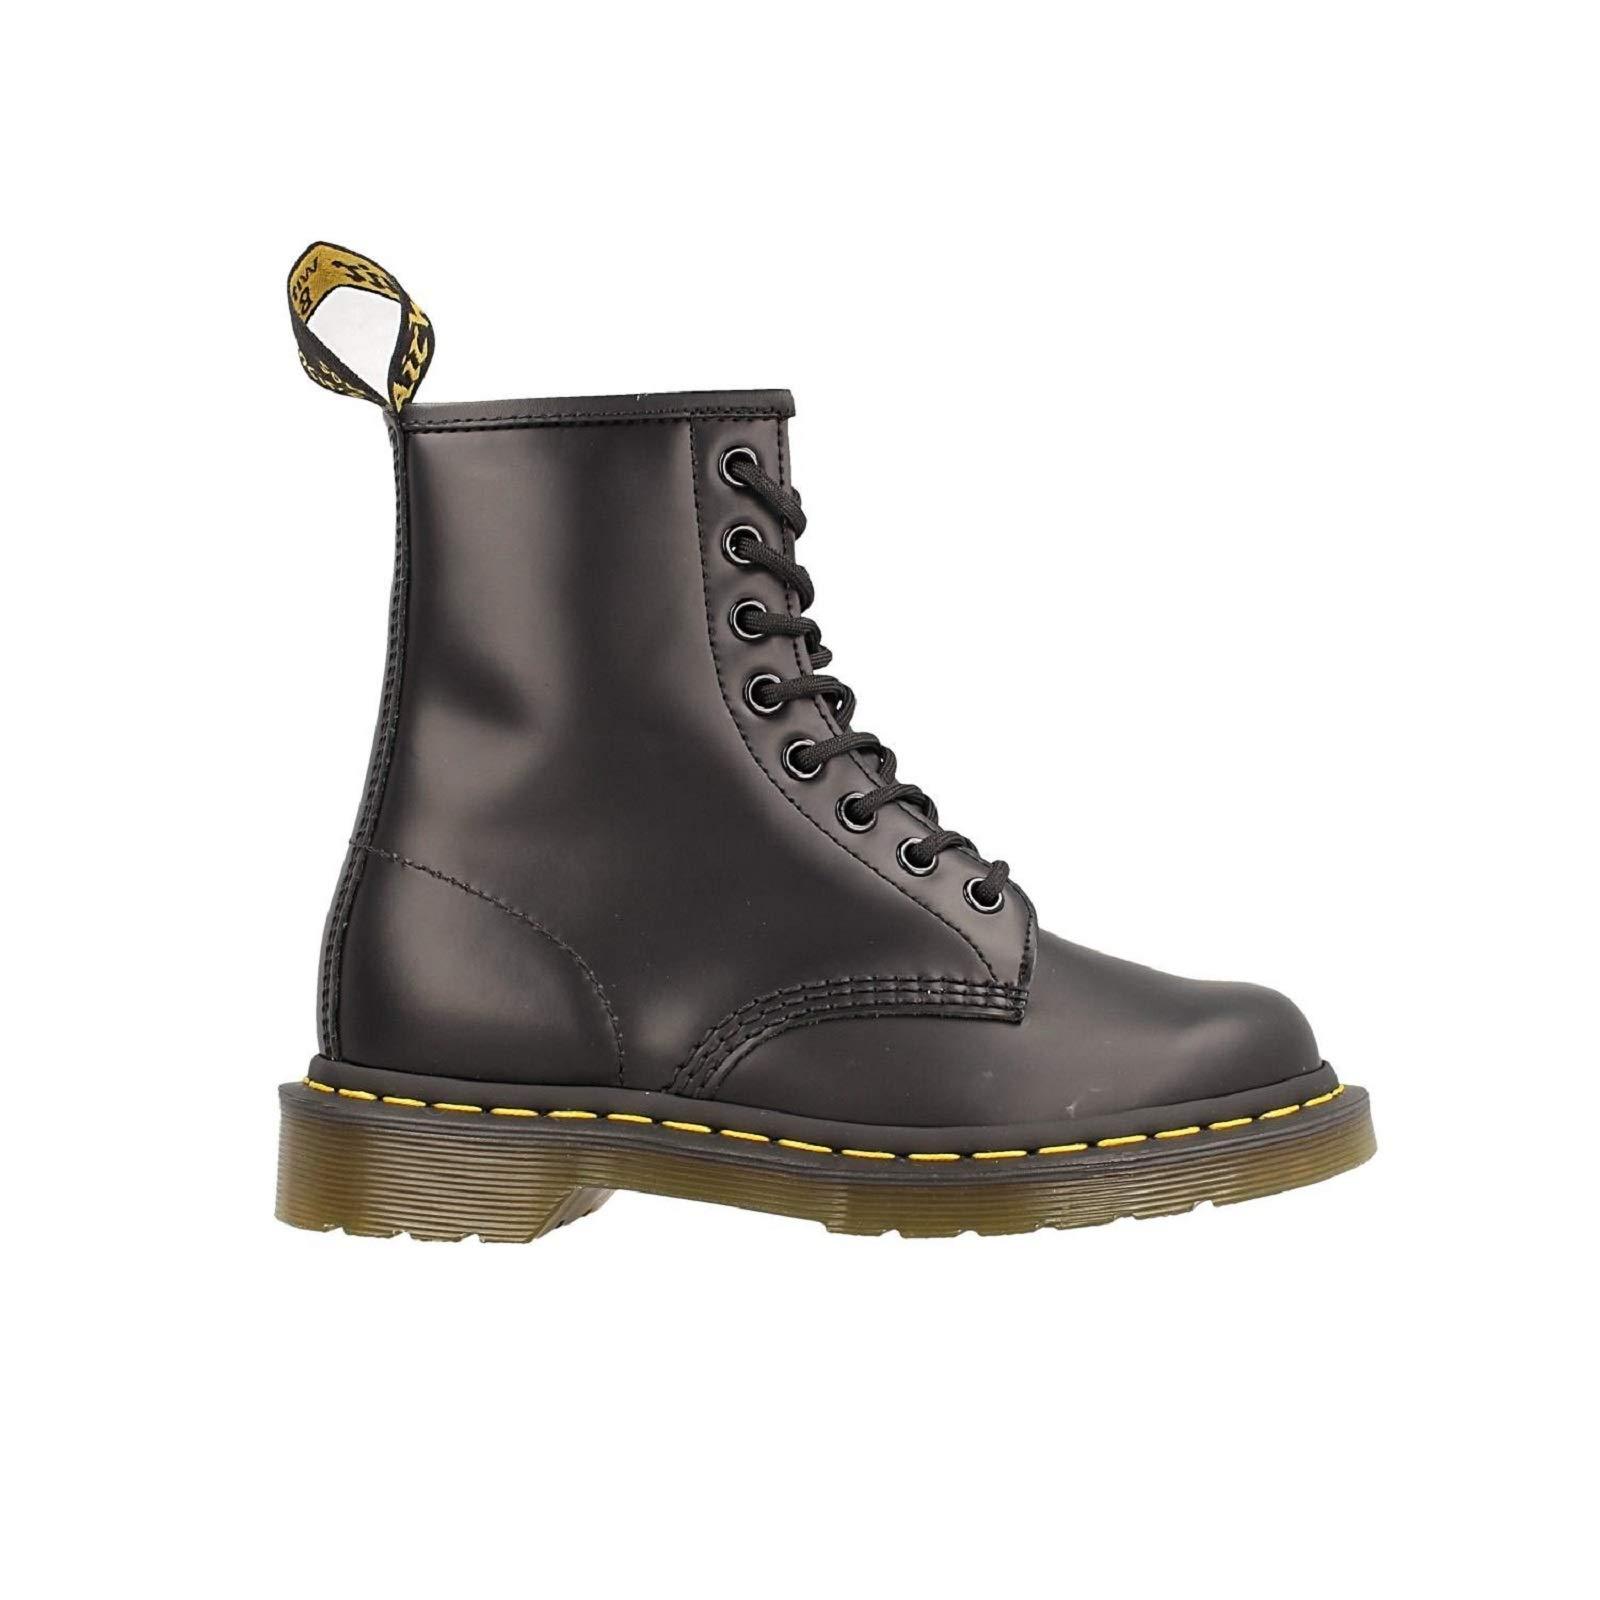 tunnetut tuotemerkit tukku verkossa alkuun tuotemerkkejä Best Rated in Men's Boots & Helpful Customer Reviews ...